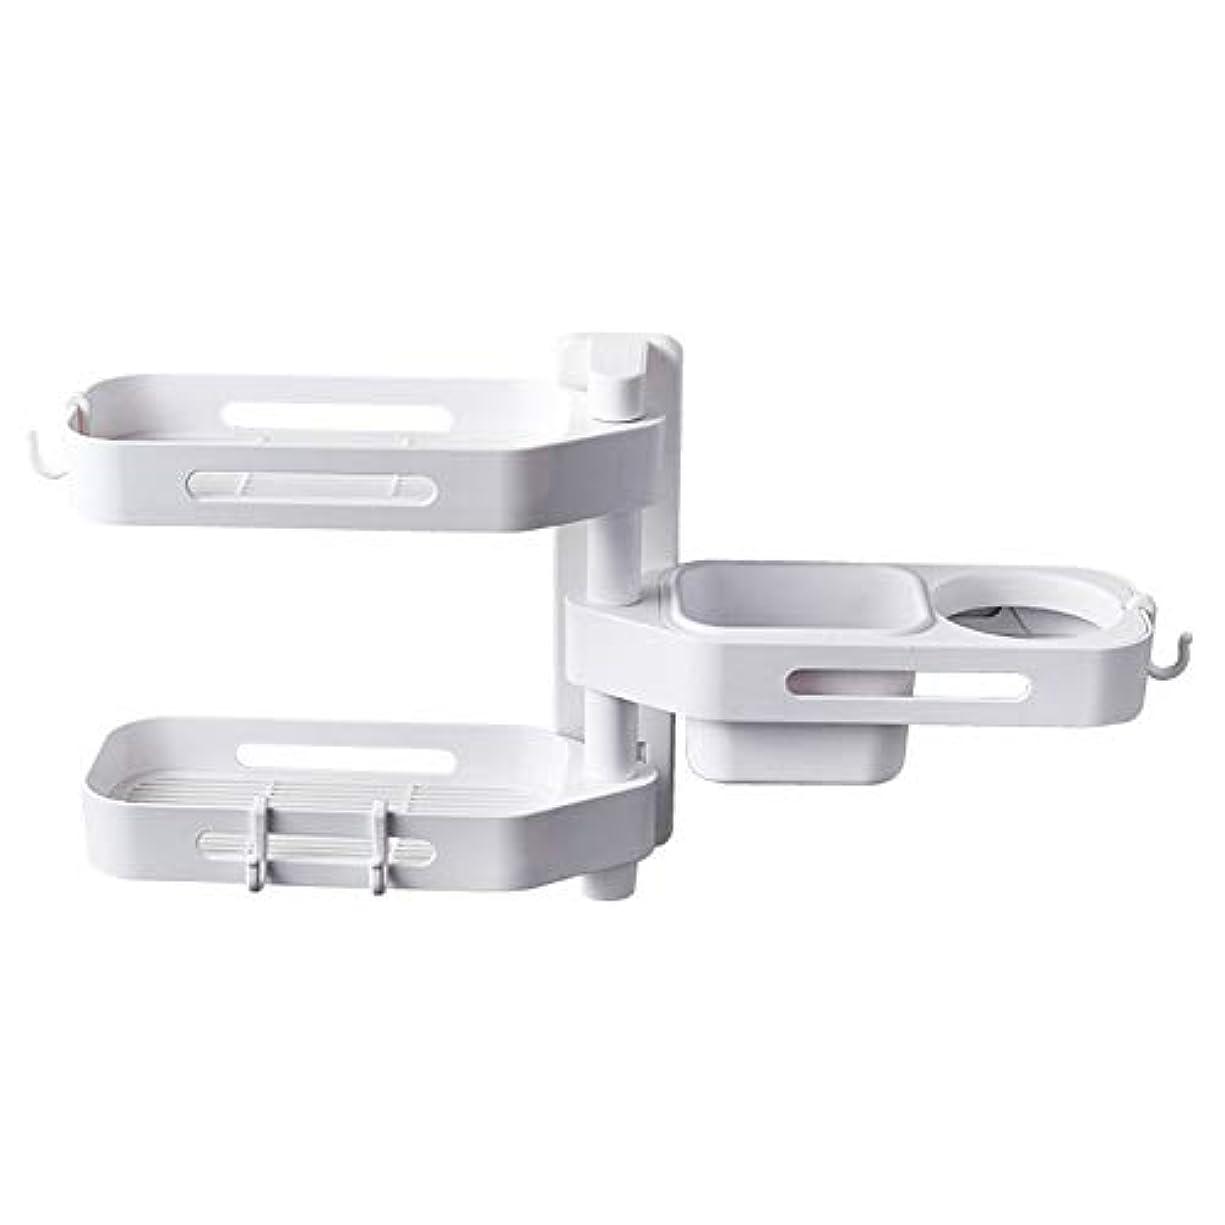 アパート恐れる欠点CoolTack 3層ソープトレイプラスチック取り外し可能な収納オーガナイザーを回転させるソープディッシュ接着剤ホルダー